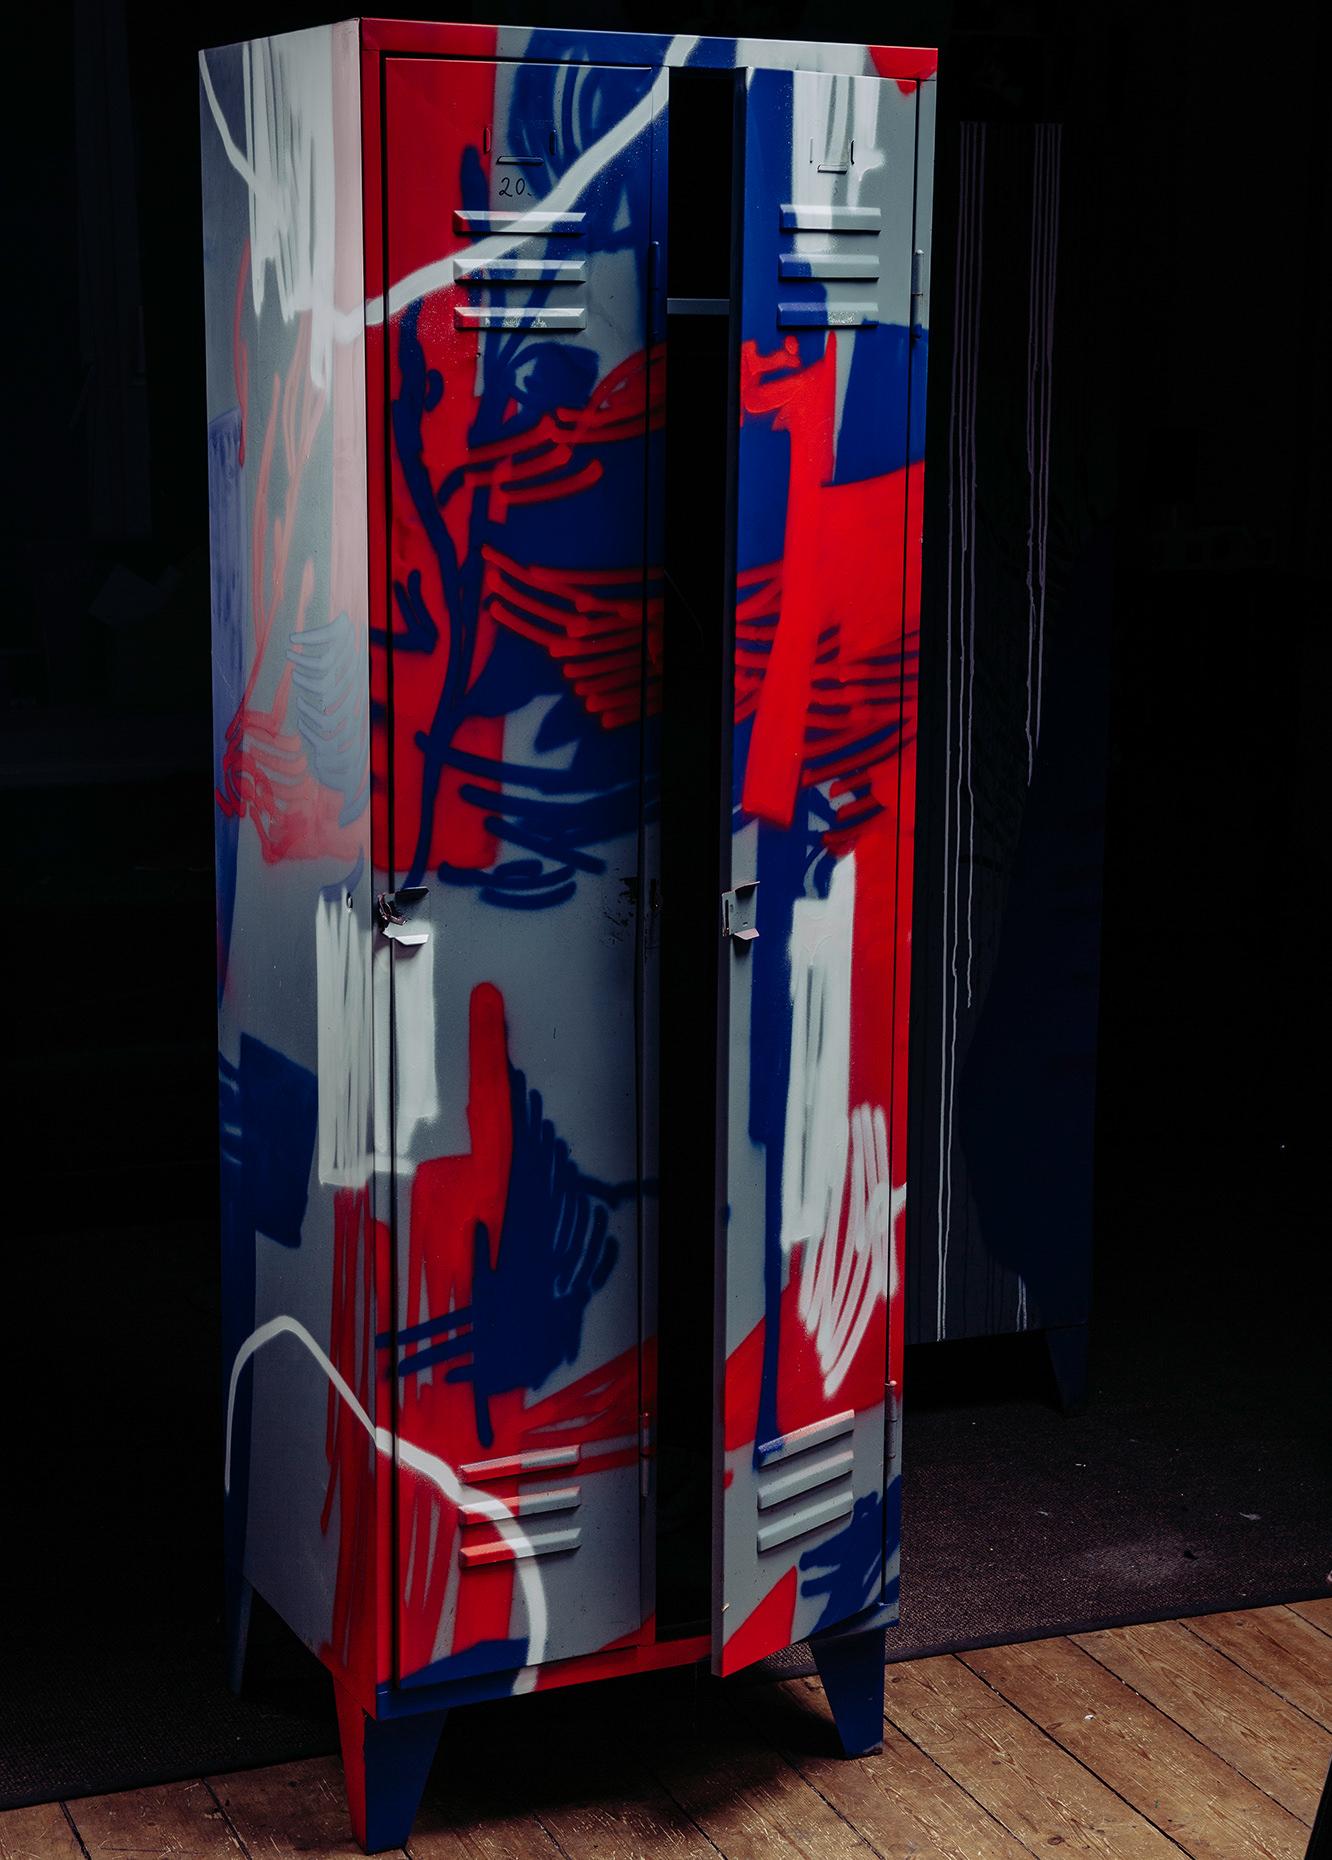 ohP-custom-art-graffiti-streetart-furniturelocker